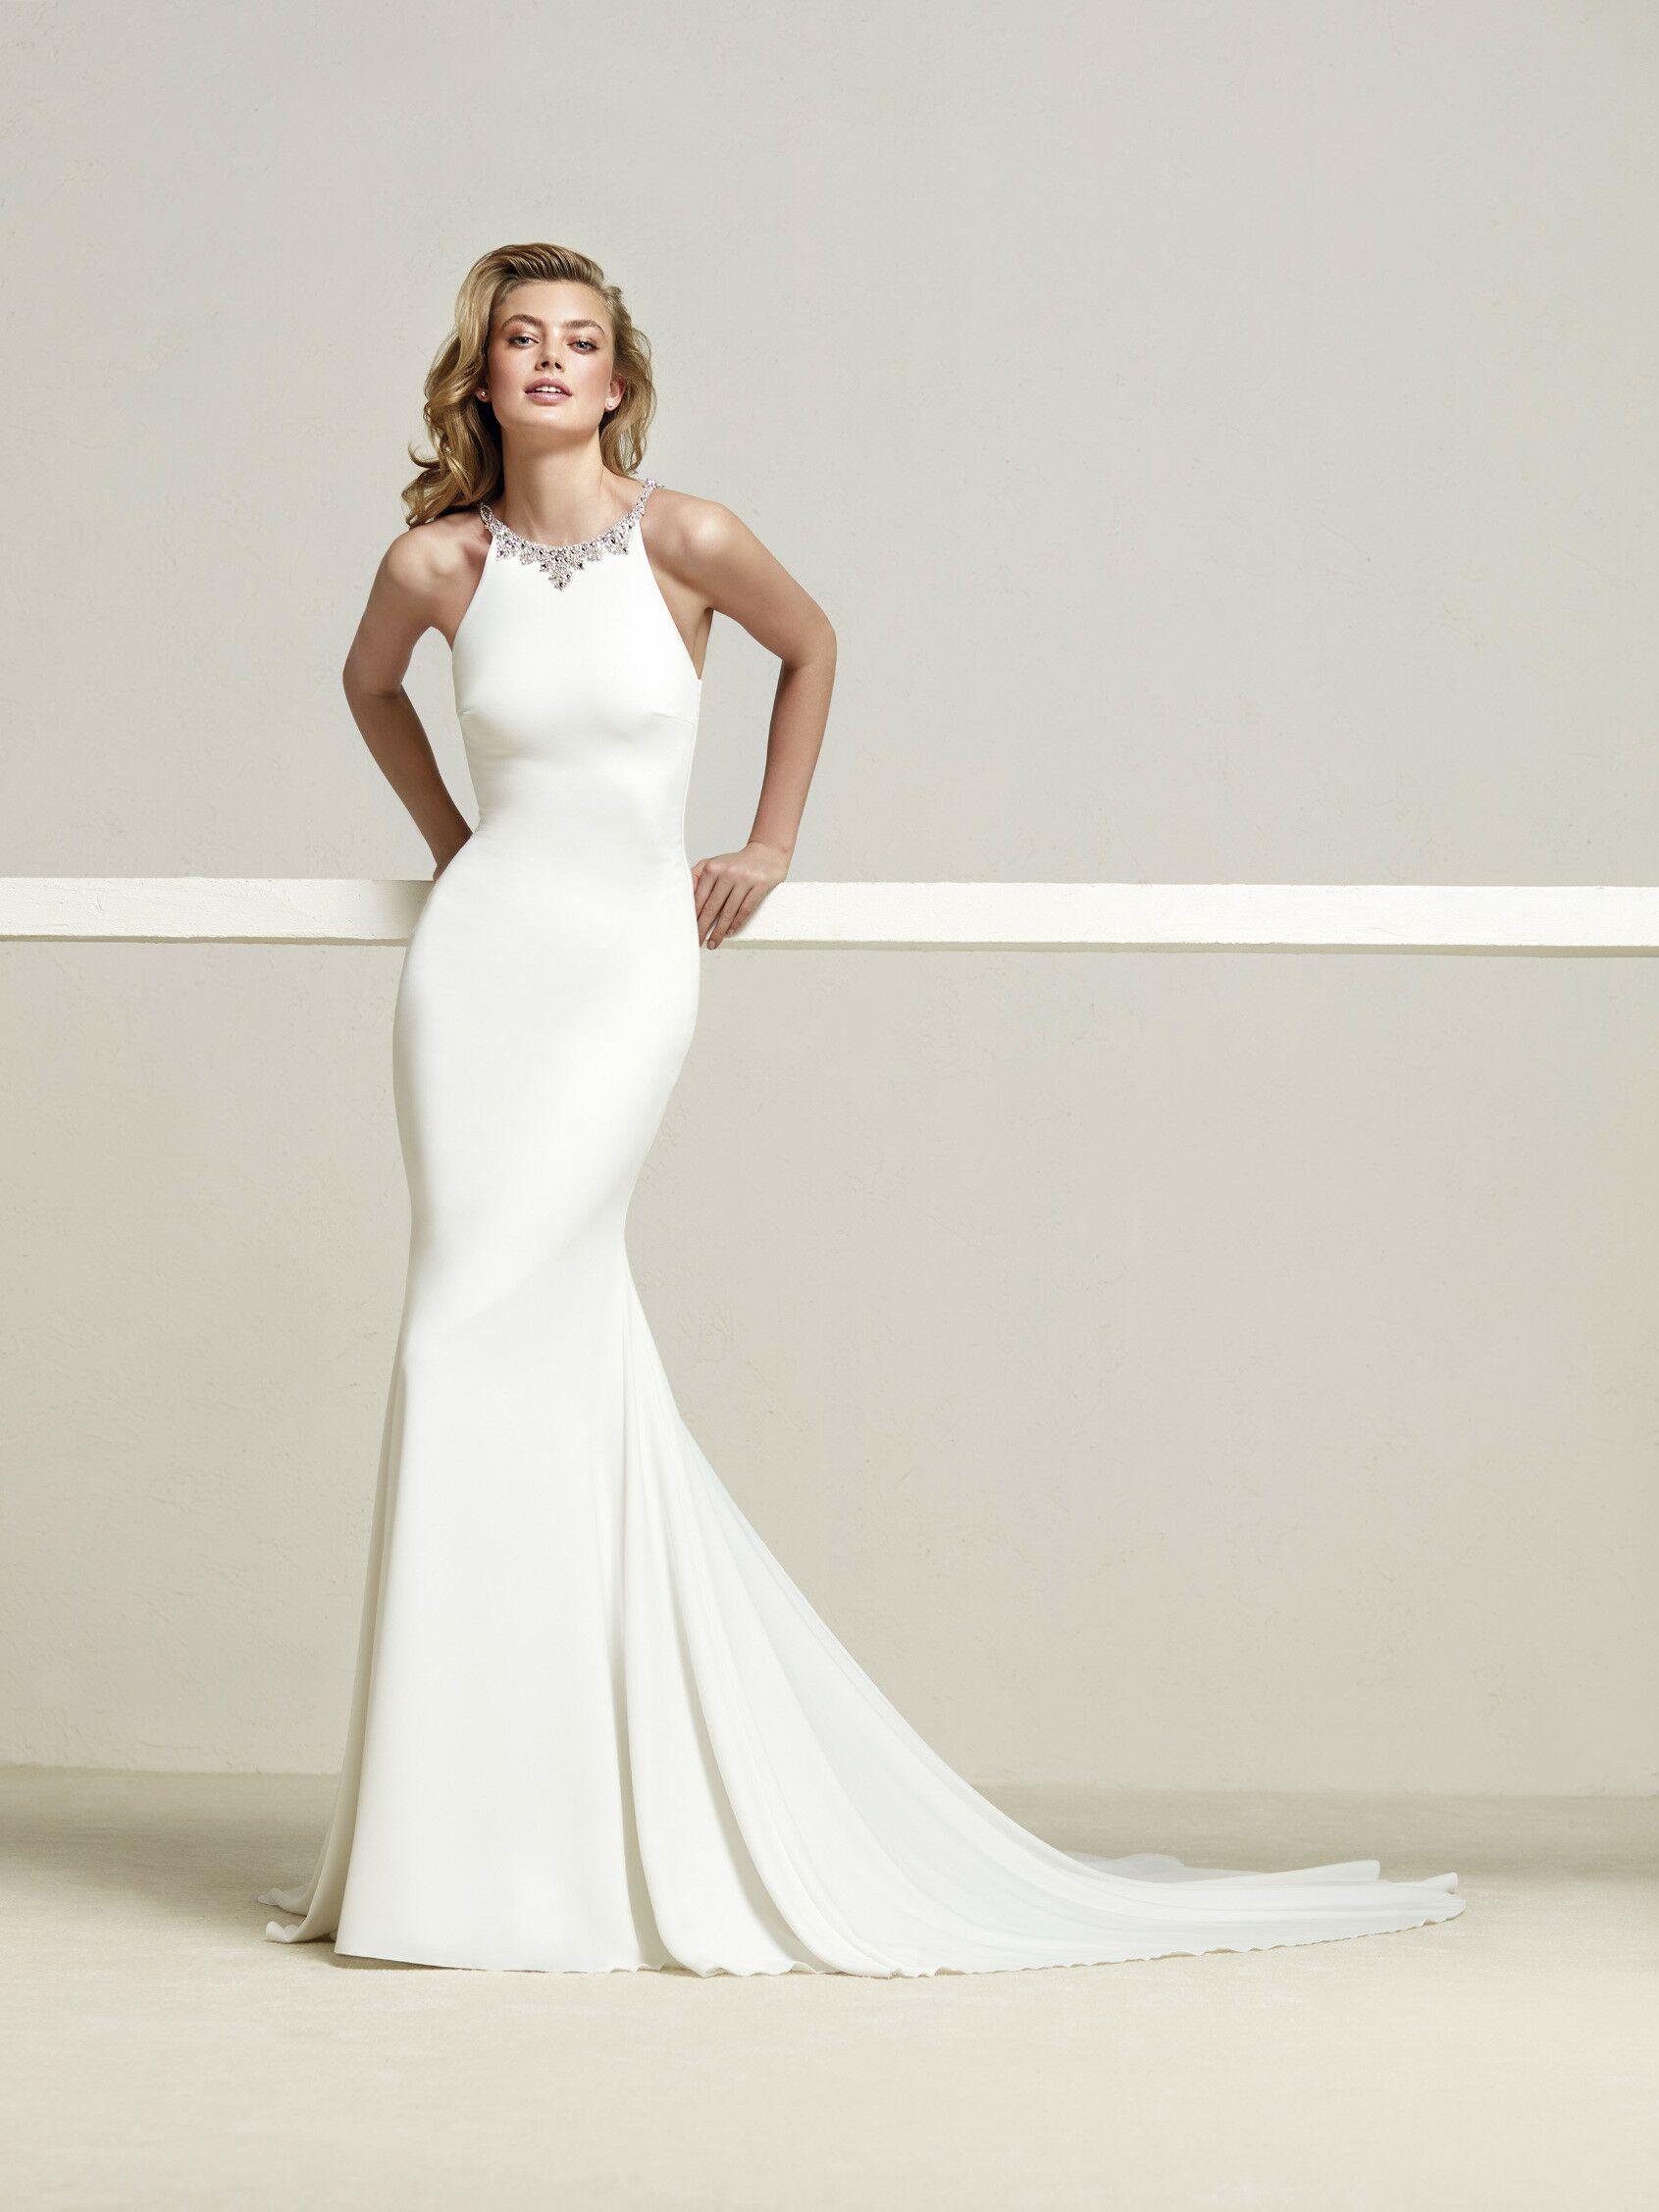 Tolle Brautkleid Guildford Bilder - Hochzeitskleid Für Braut Ideen ...